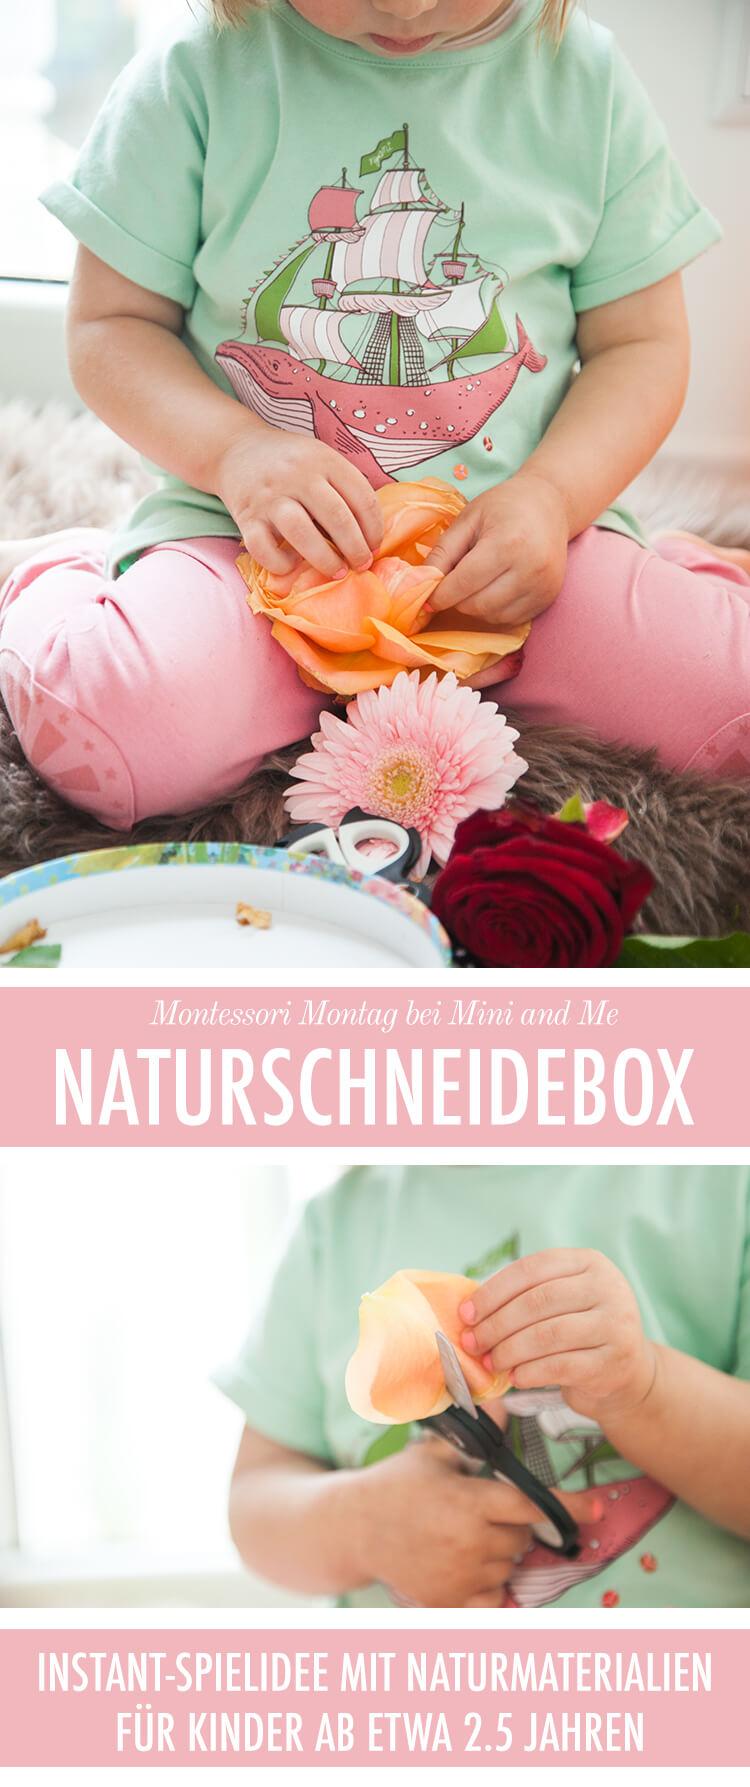 Naturschneidebox: eine Montessori inspirierte Instant-Spielidee, die Spaß macht und die kindliche Feinmotorik und Konzentration fördert